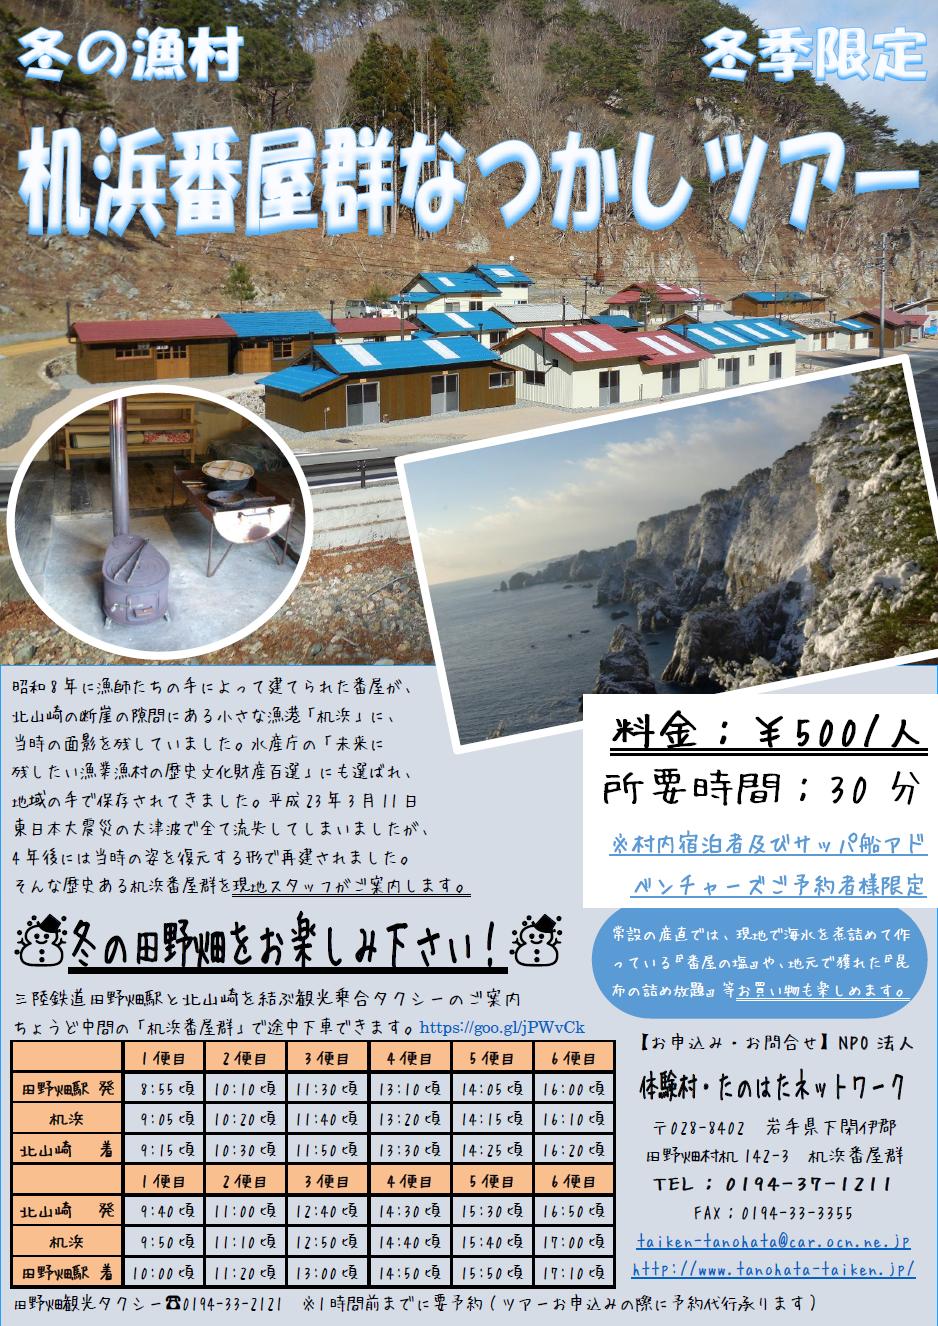 冬季限定!】冬の漁村 机浜番屋群なつかしツアー | 田野畑村